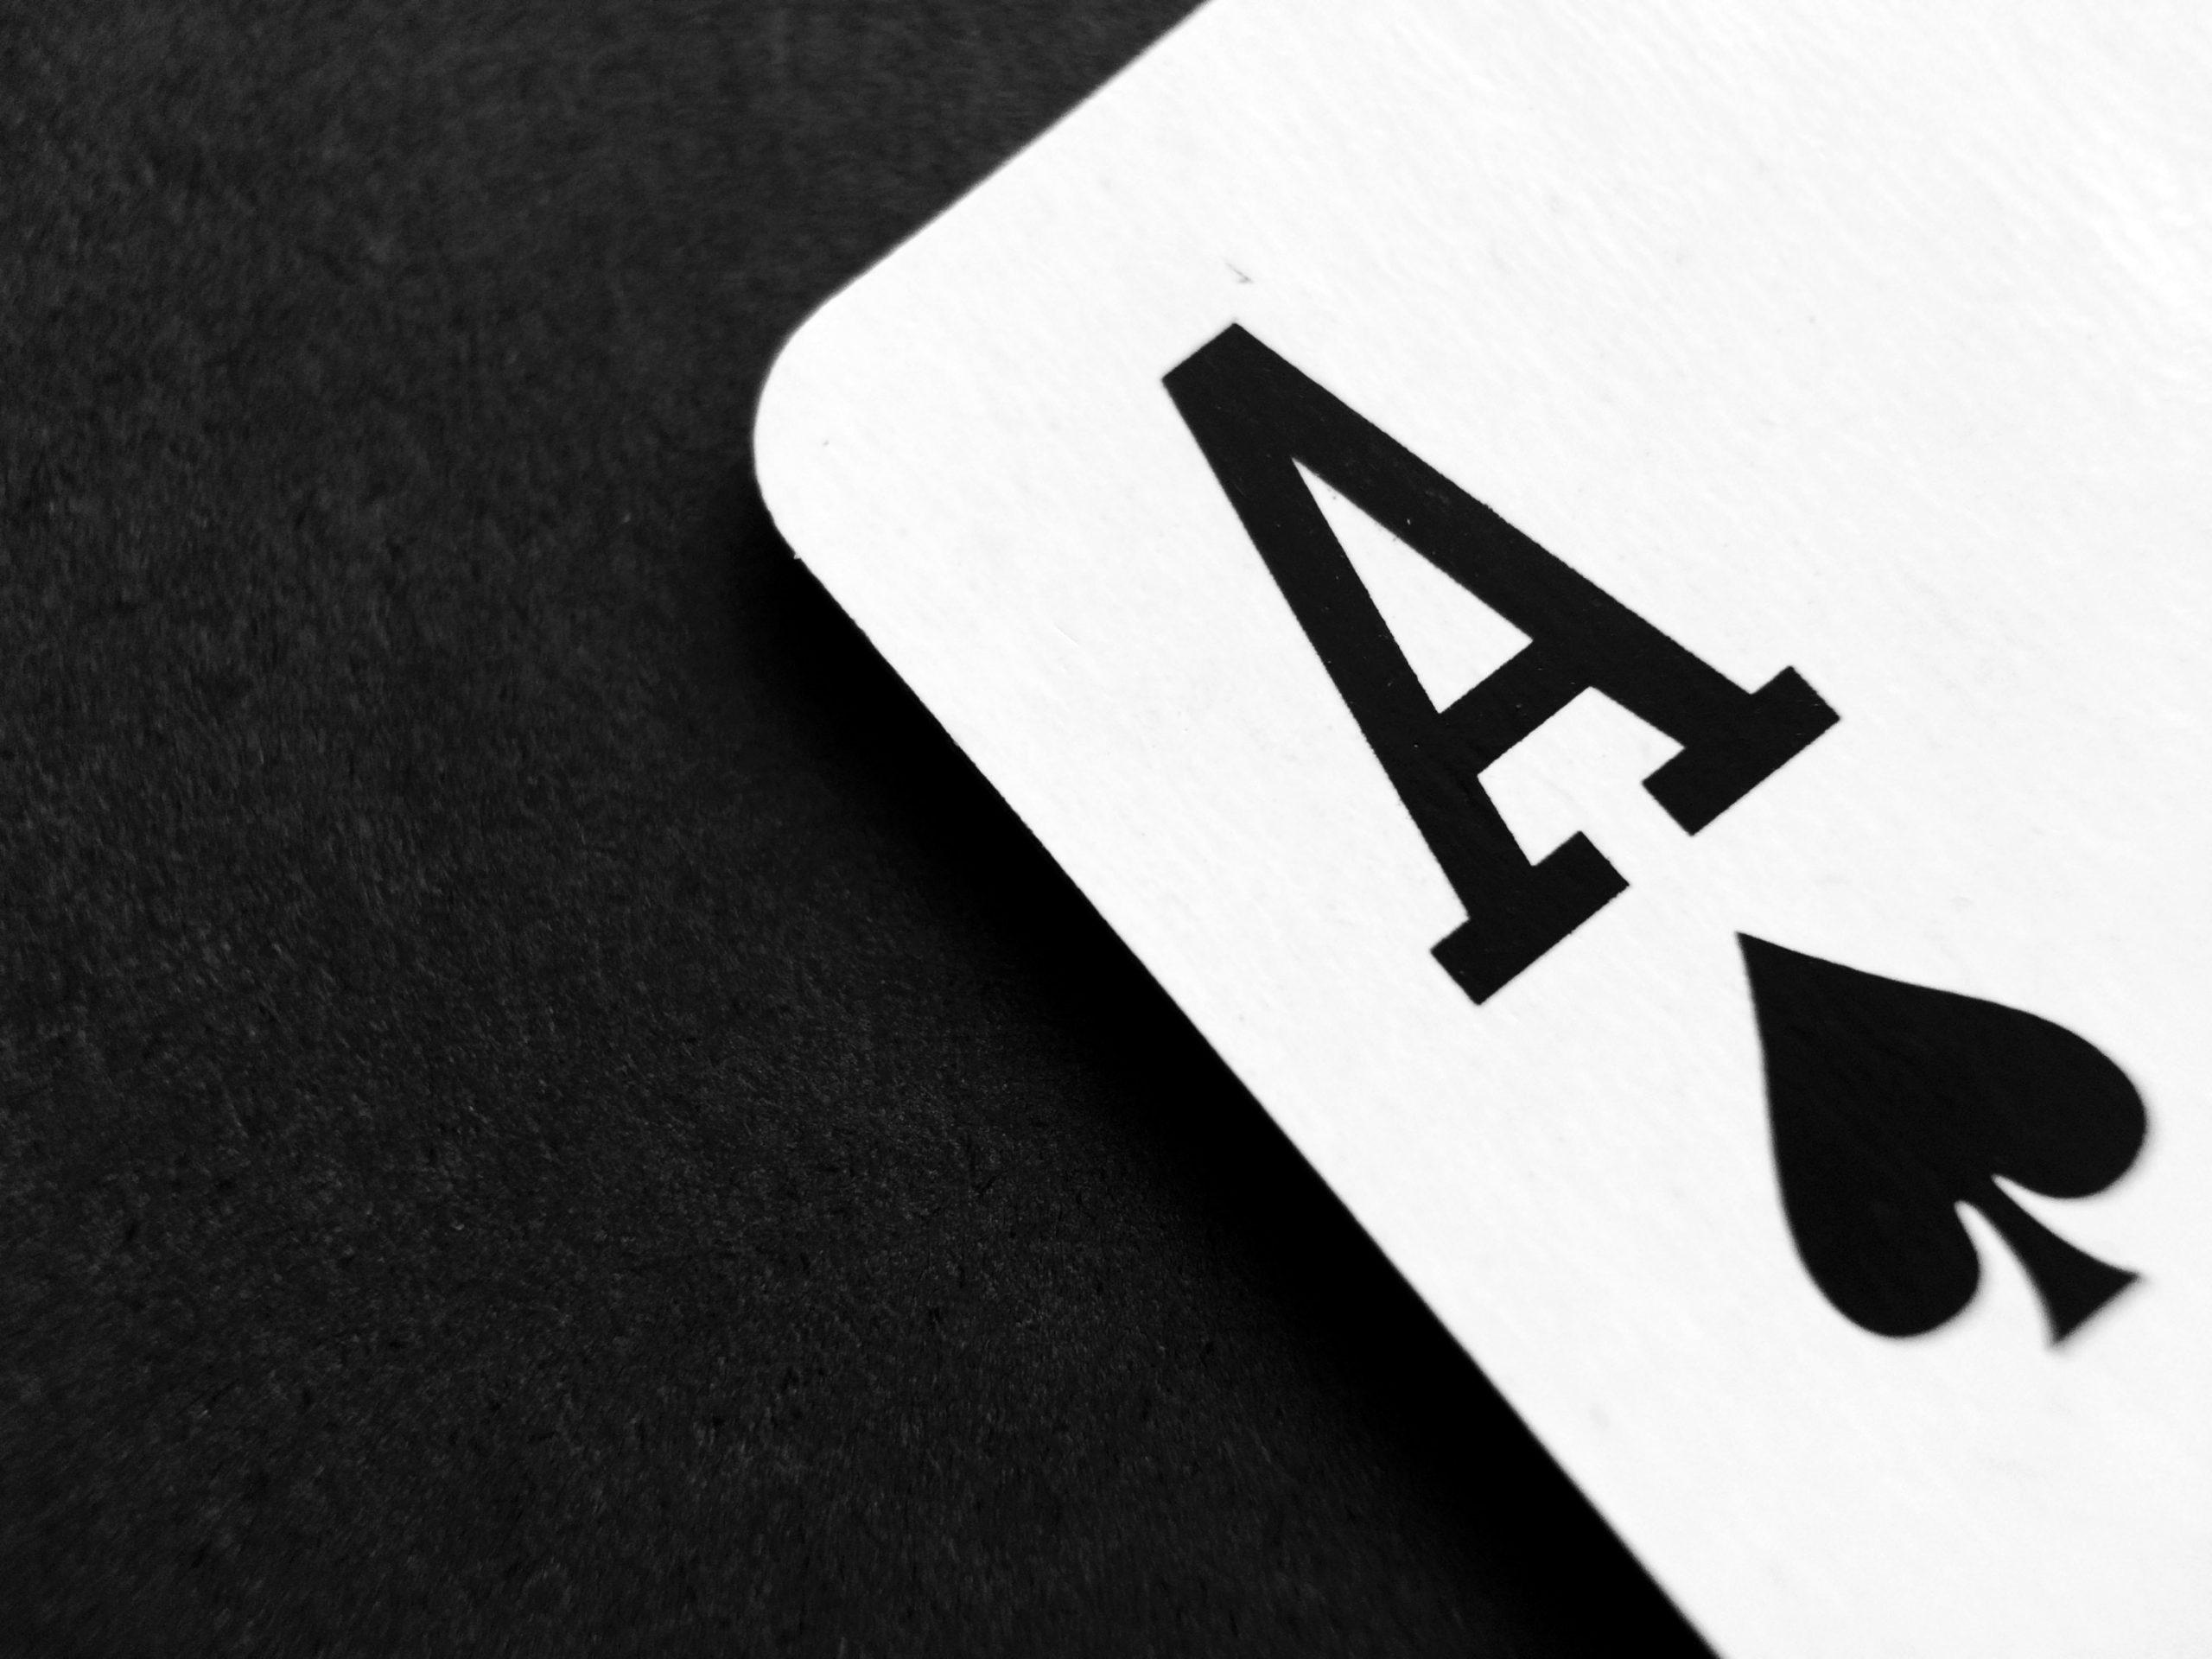 ace-card-scaled.jpg